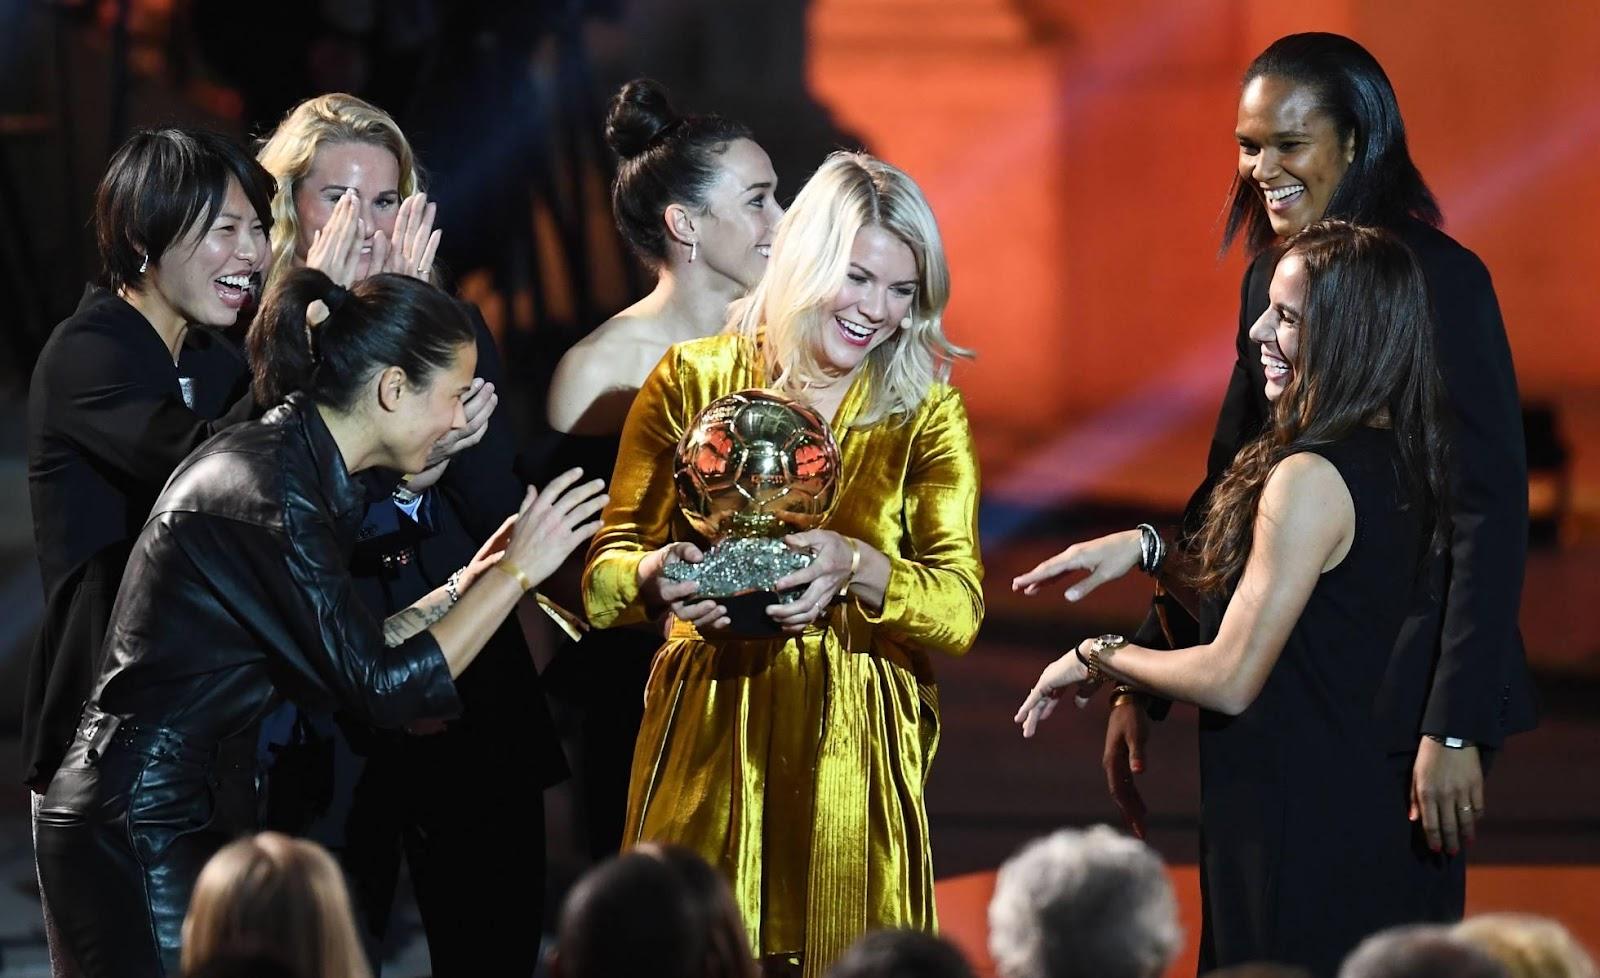 C:\Users\Carla\Desktop\Blog MULHERES EM CAMPO\COPA DO MUNDO FUTEBOL FEMININO\Ada Hegerberg recebendo a Bola de Ouro em Paris FRANCK FIFE GETTY.jpg